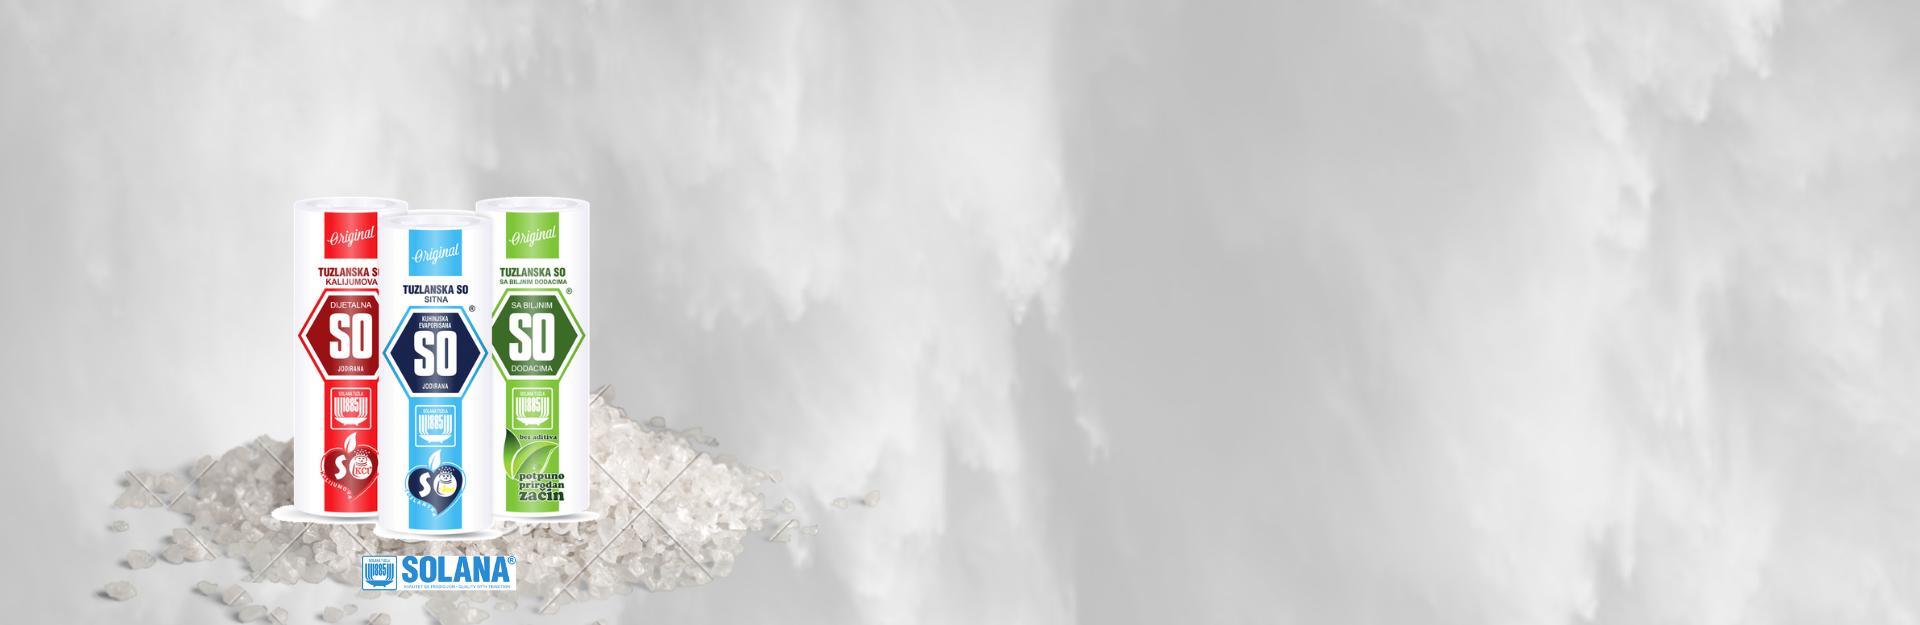 Ekskluzivno zastopništvo za Tuzlansko sol